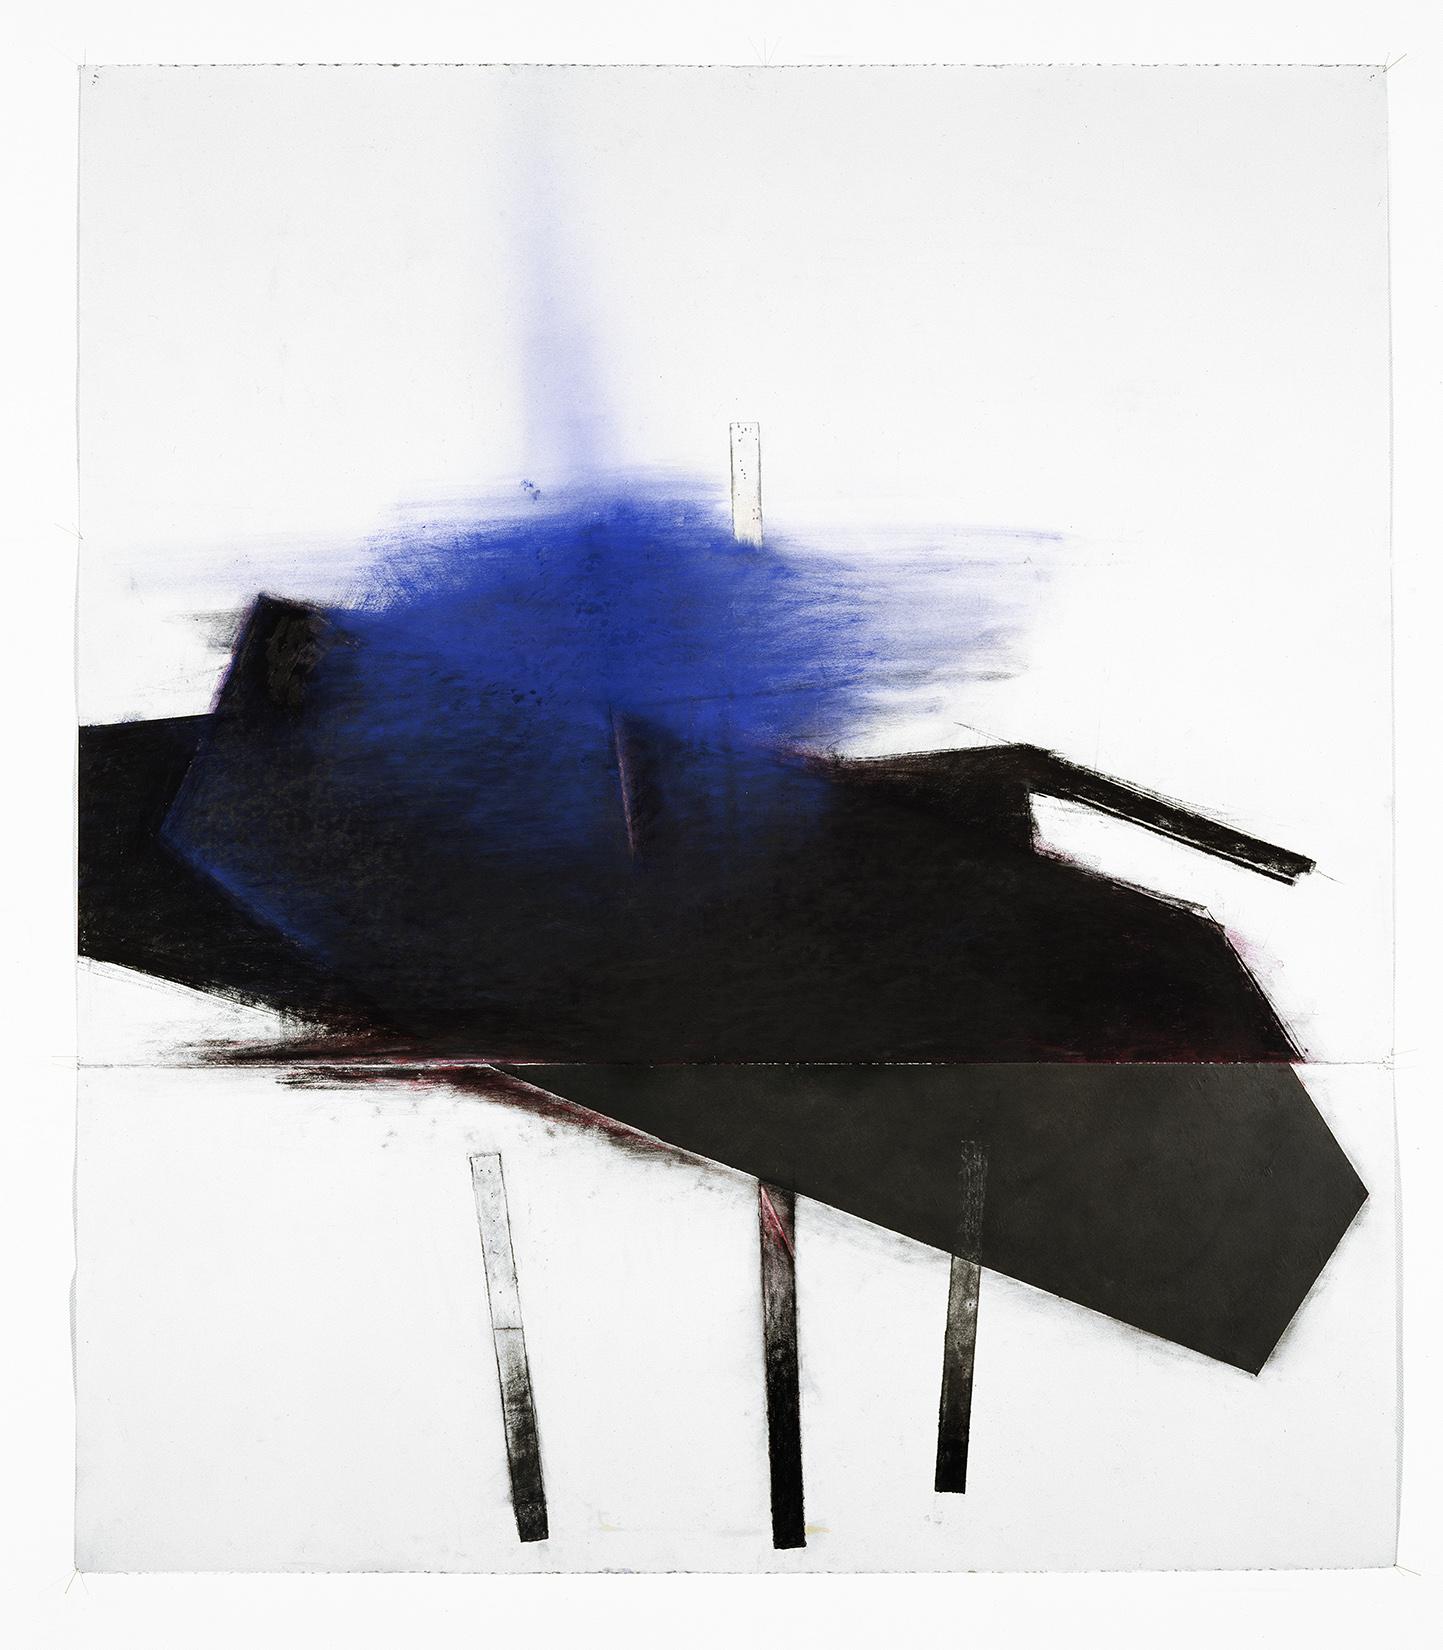 Noche Oscura II  (1992)   Techniques mixes et papier collé sur papier Stonehenge, 145.5 x 127 cm, collection privée. photo : Richard-Max Tremblay